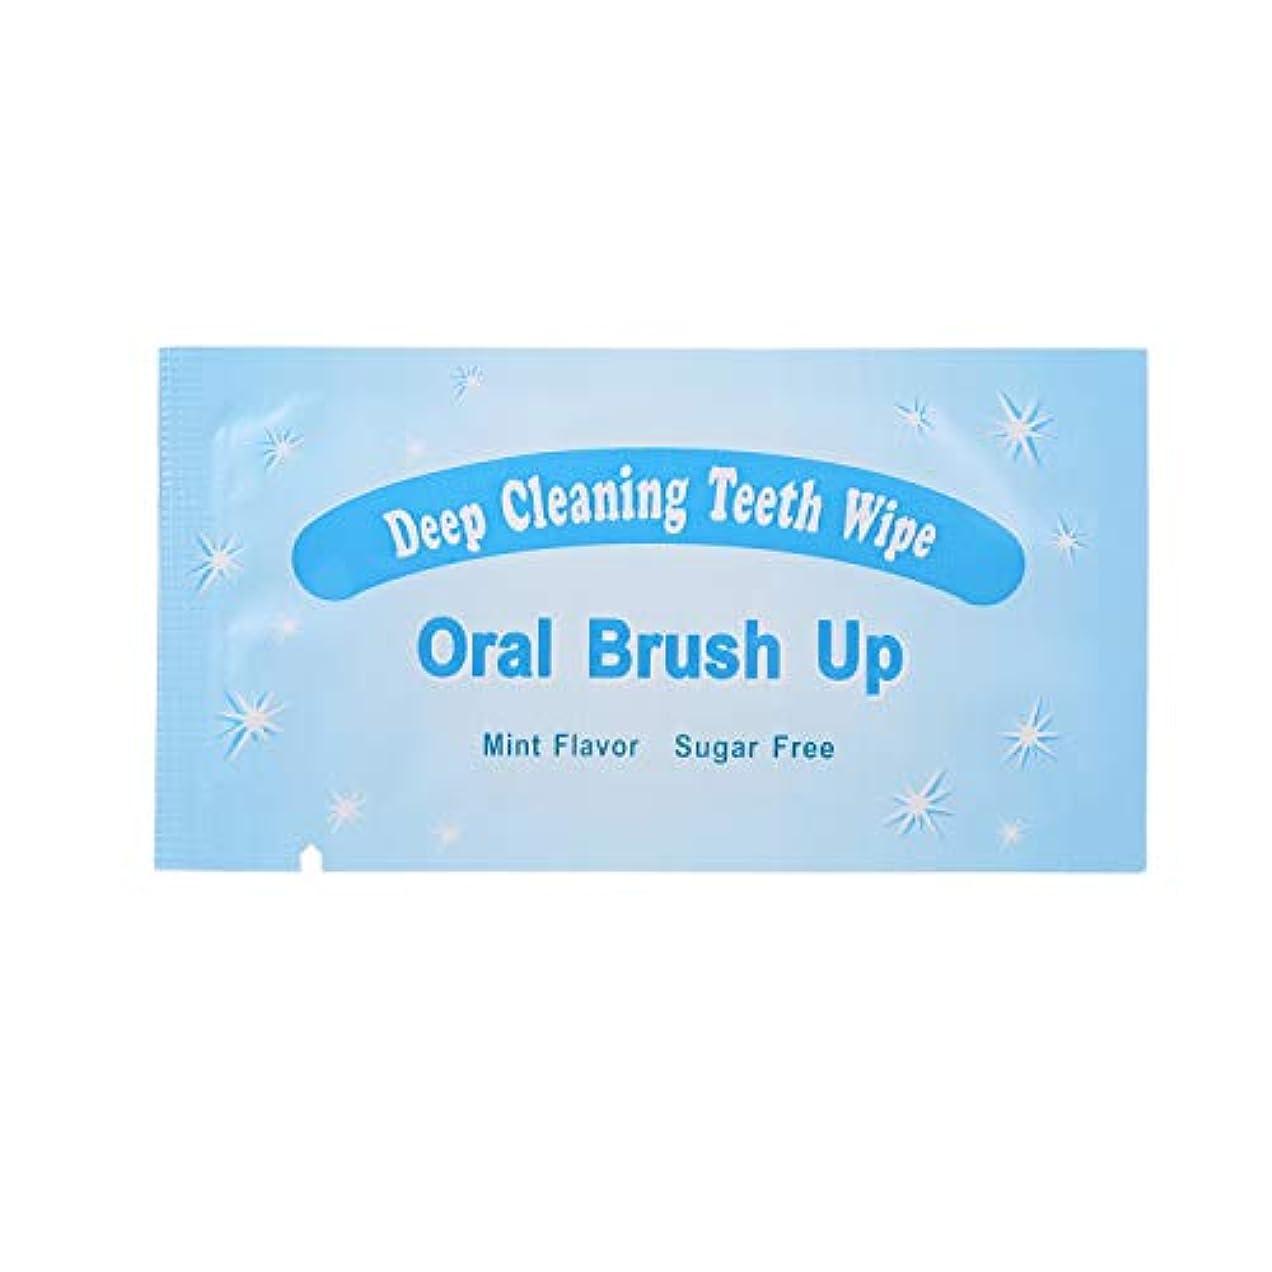 とげところで検出Decdeal 50ピース 歯ワイプ 口腔ブラシ アップ使い捨て歯科ディープクレンジング指歯ワイプ新鮮な息ミント風味歯ホワイトニングストリップオーラルケア